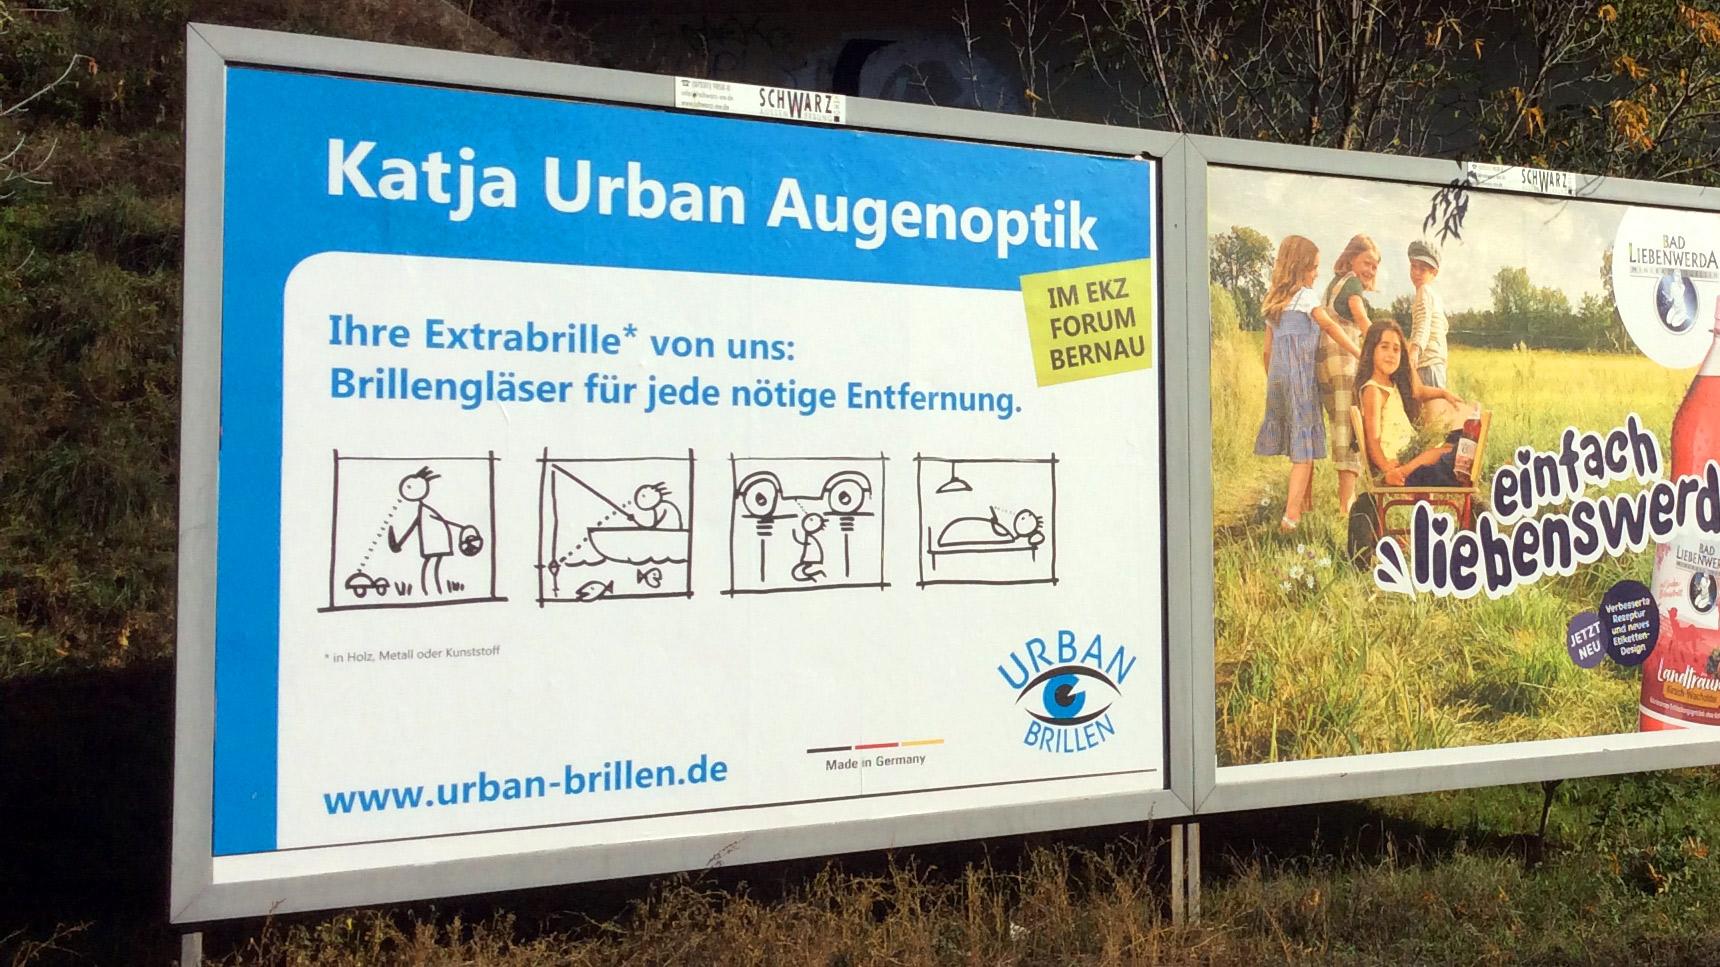 Augenoptik-Matti-Michalke-Berlin-Brandenburg-Aussenwerbung-Innenwerbung-Banner-Planen-Folien-Werbemittel.jpg